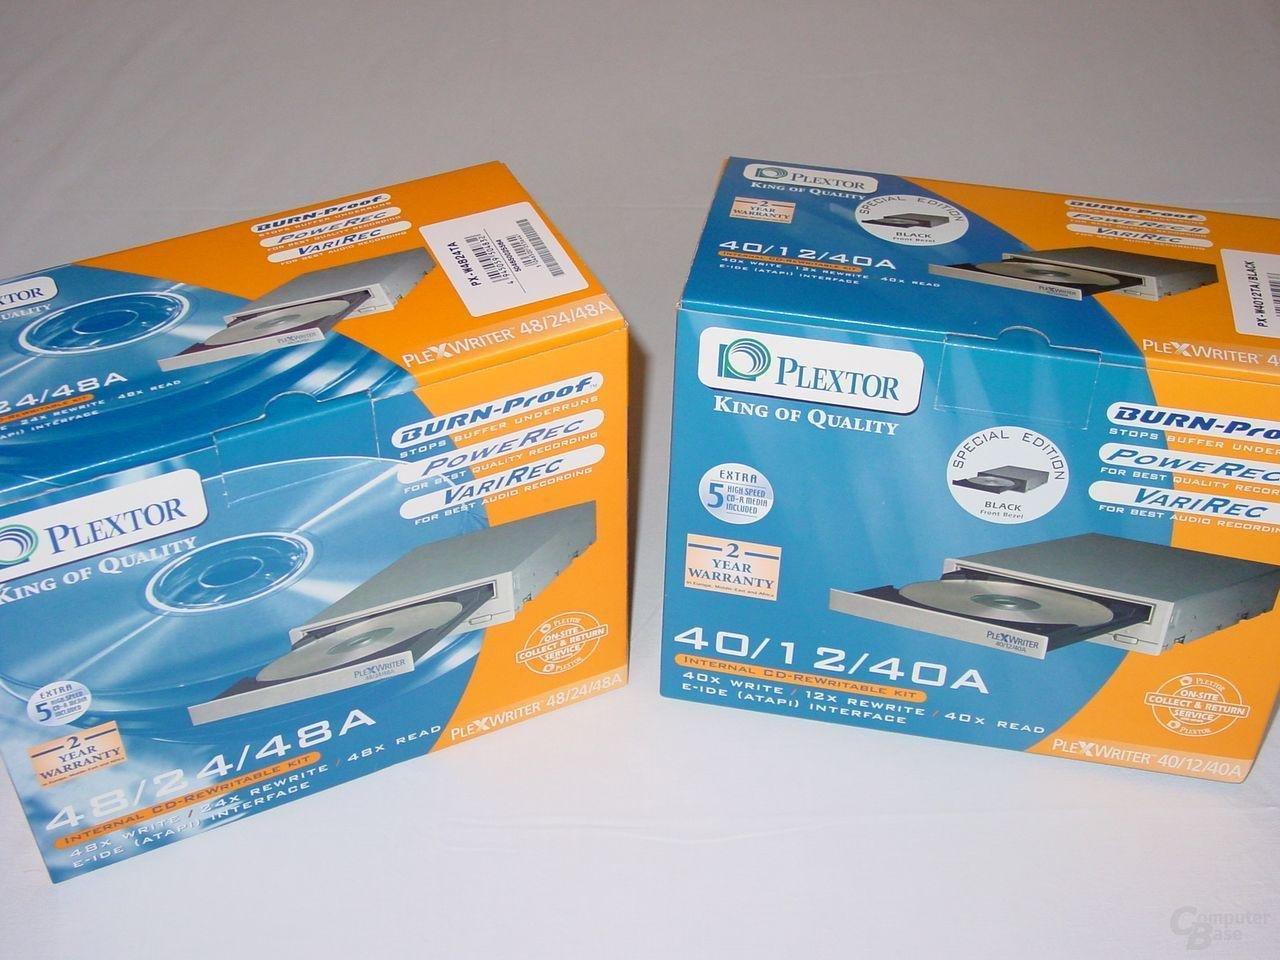 Verpackungen PX-4824TA und PX-4012TA